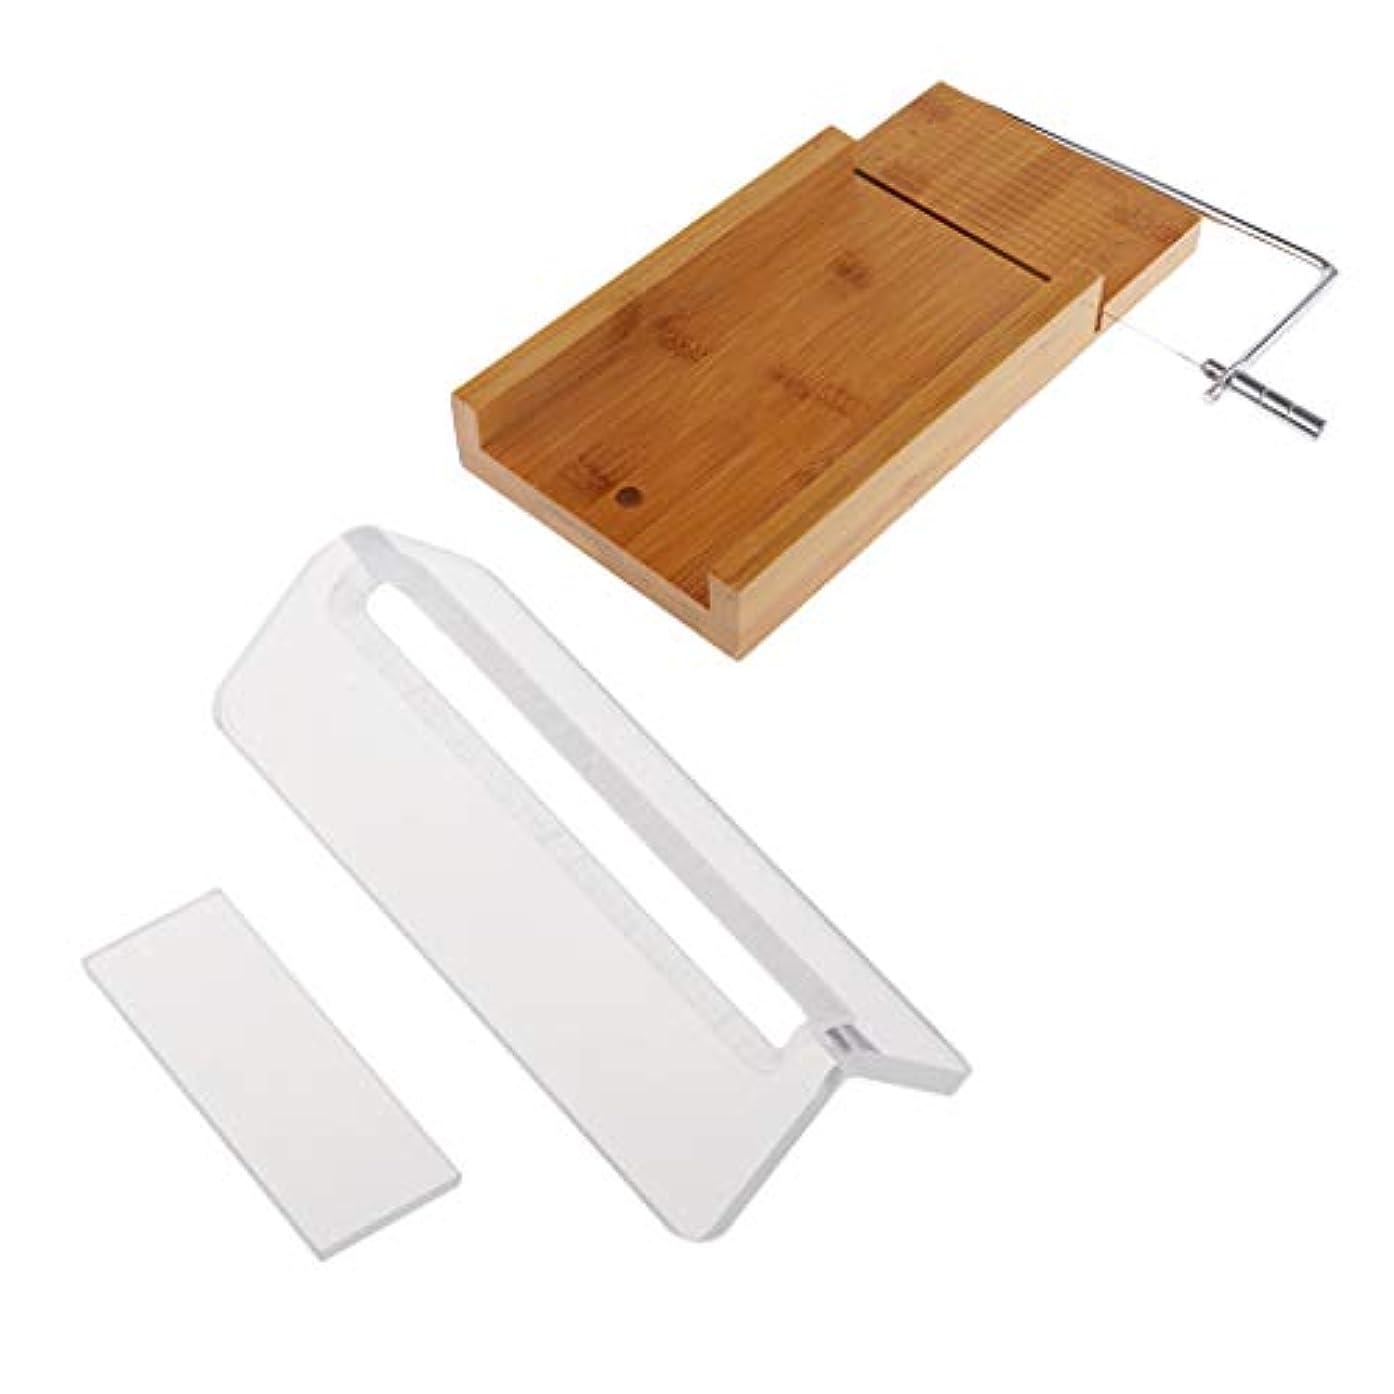 純粋な輝くからに変化するFLAMEER ローフカッター 木製 ソープ包丁 石鹸カッター 手作り石鹸 DIY キッチン用品 2個入り